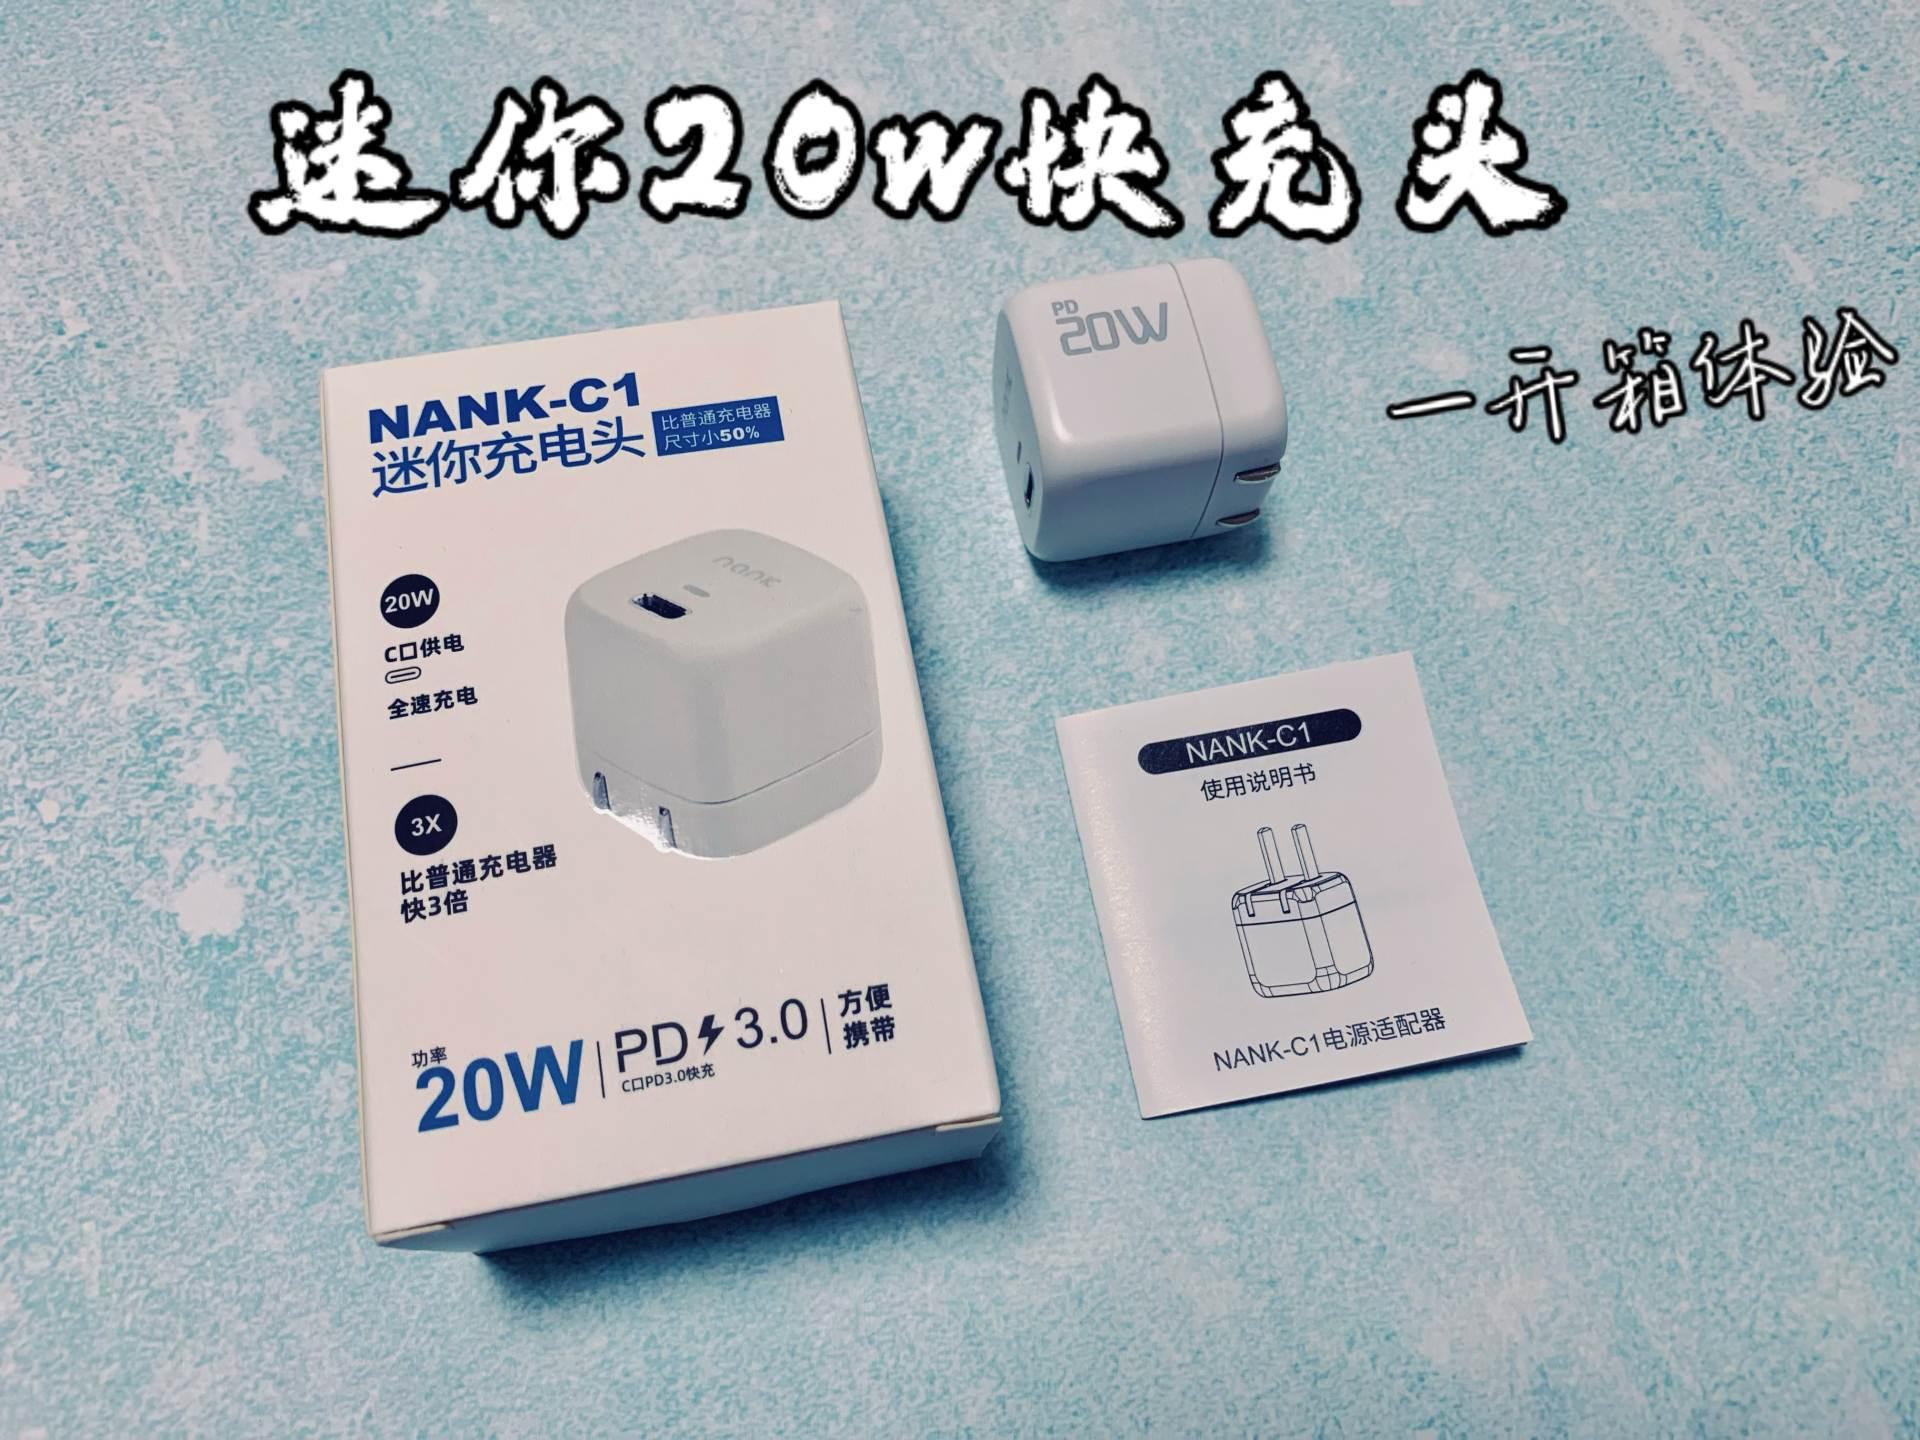 手机电量焦虑的克星—南卡C1 20W�q�你快充充电器体�? inline=